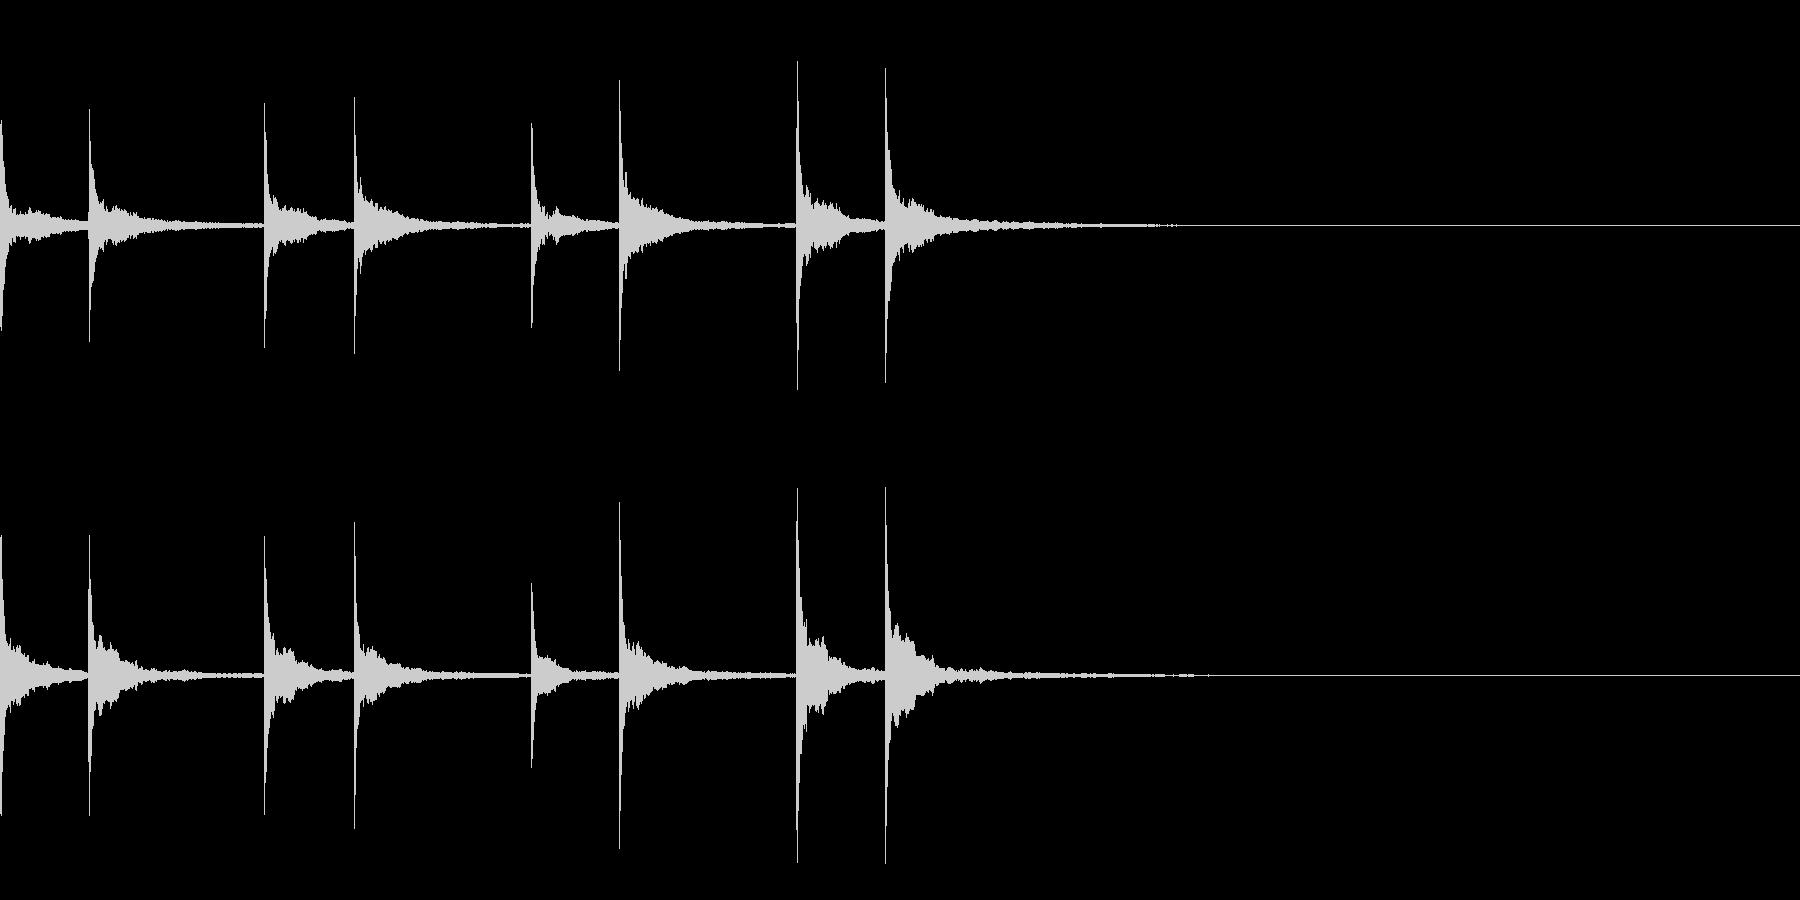 沖縄風通知音01の未再生の波形